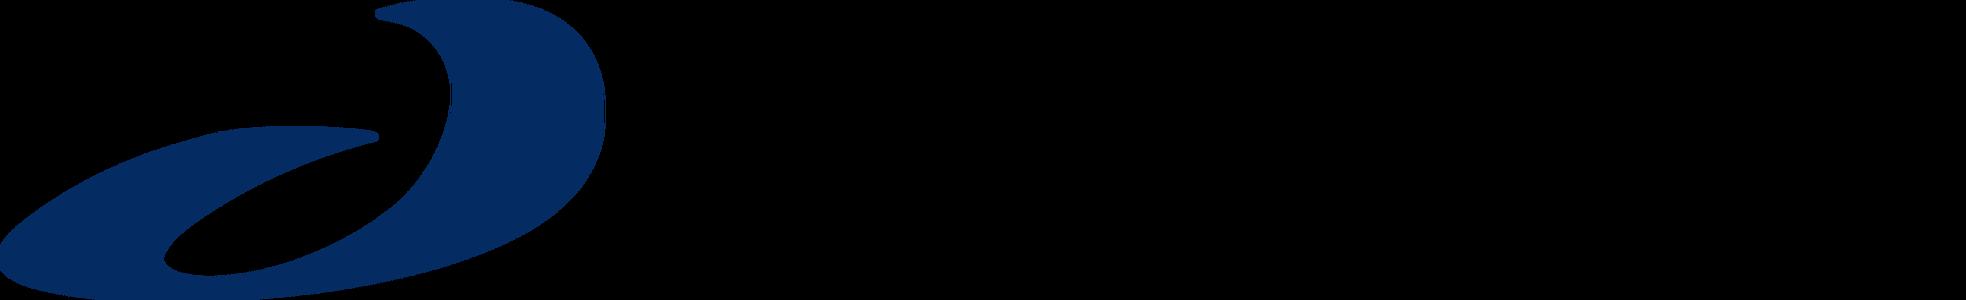 Universitätsprofessur für Ethnomusikologie - Gustav Mahler Privatuniversität für Musik - Logo